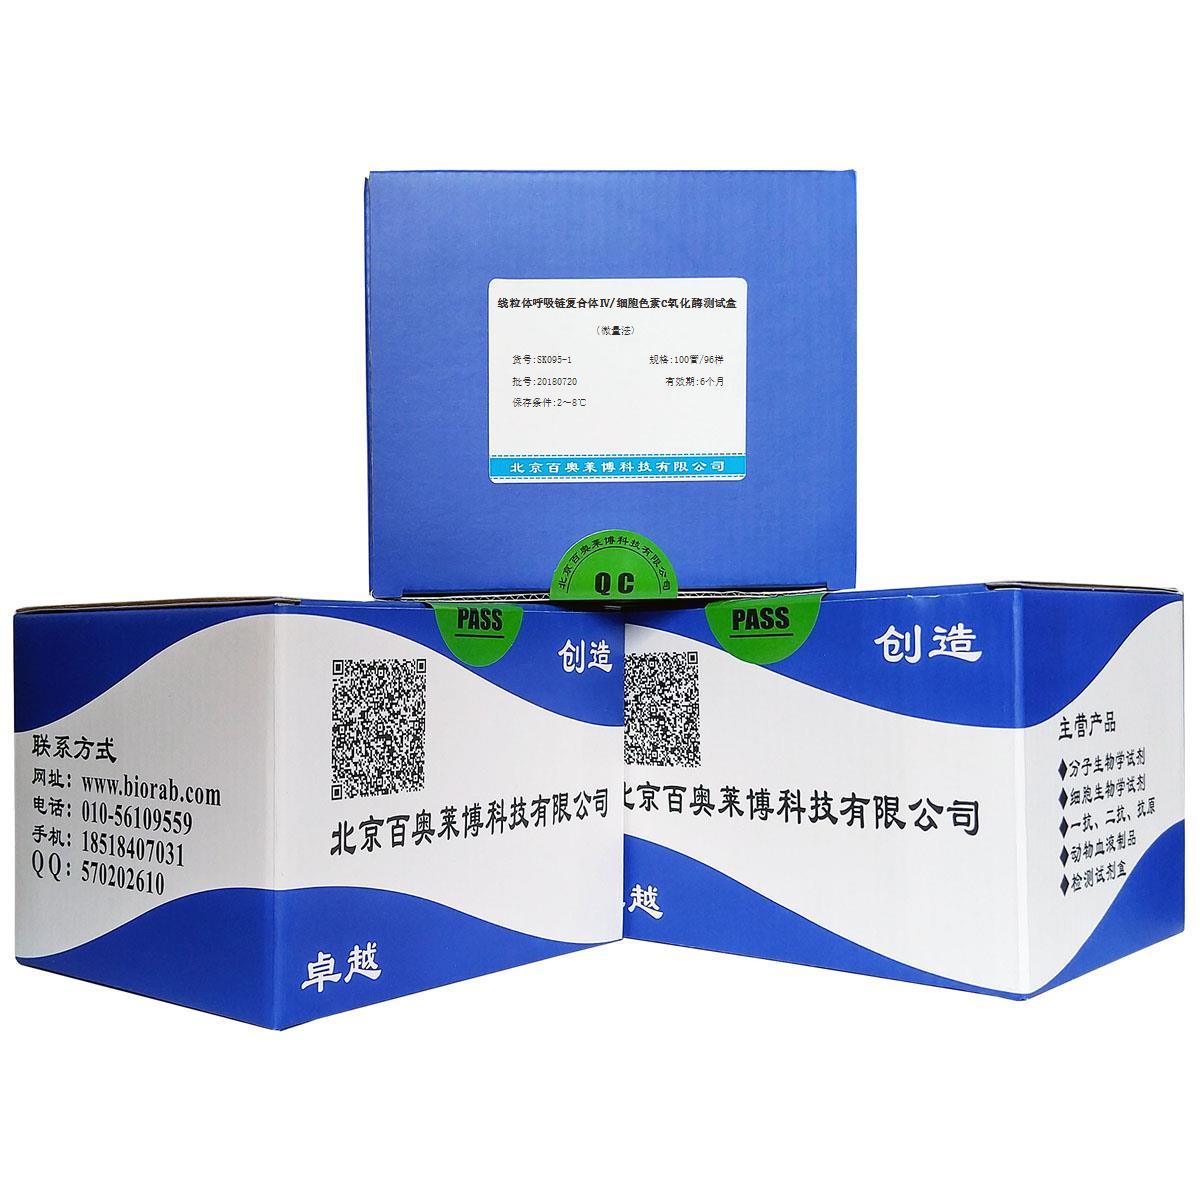 线粒体呼吸链复合体Ⅳ/细胞色素C氧化酶测试盒(微量法)